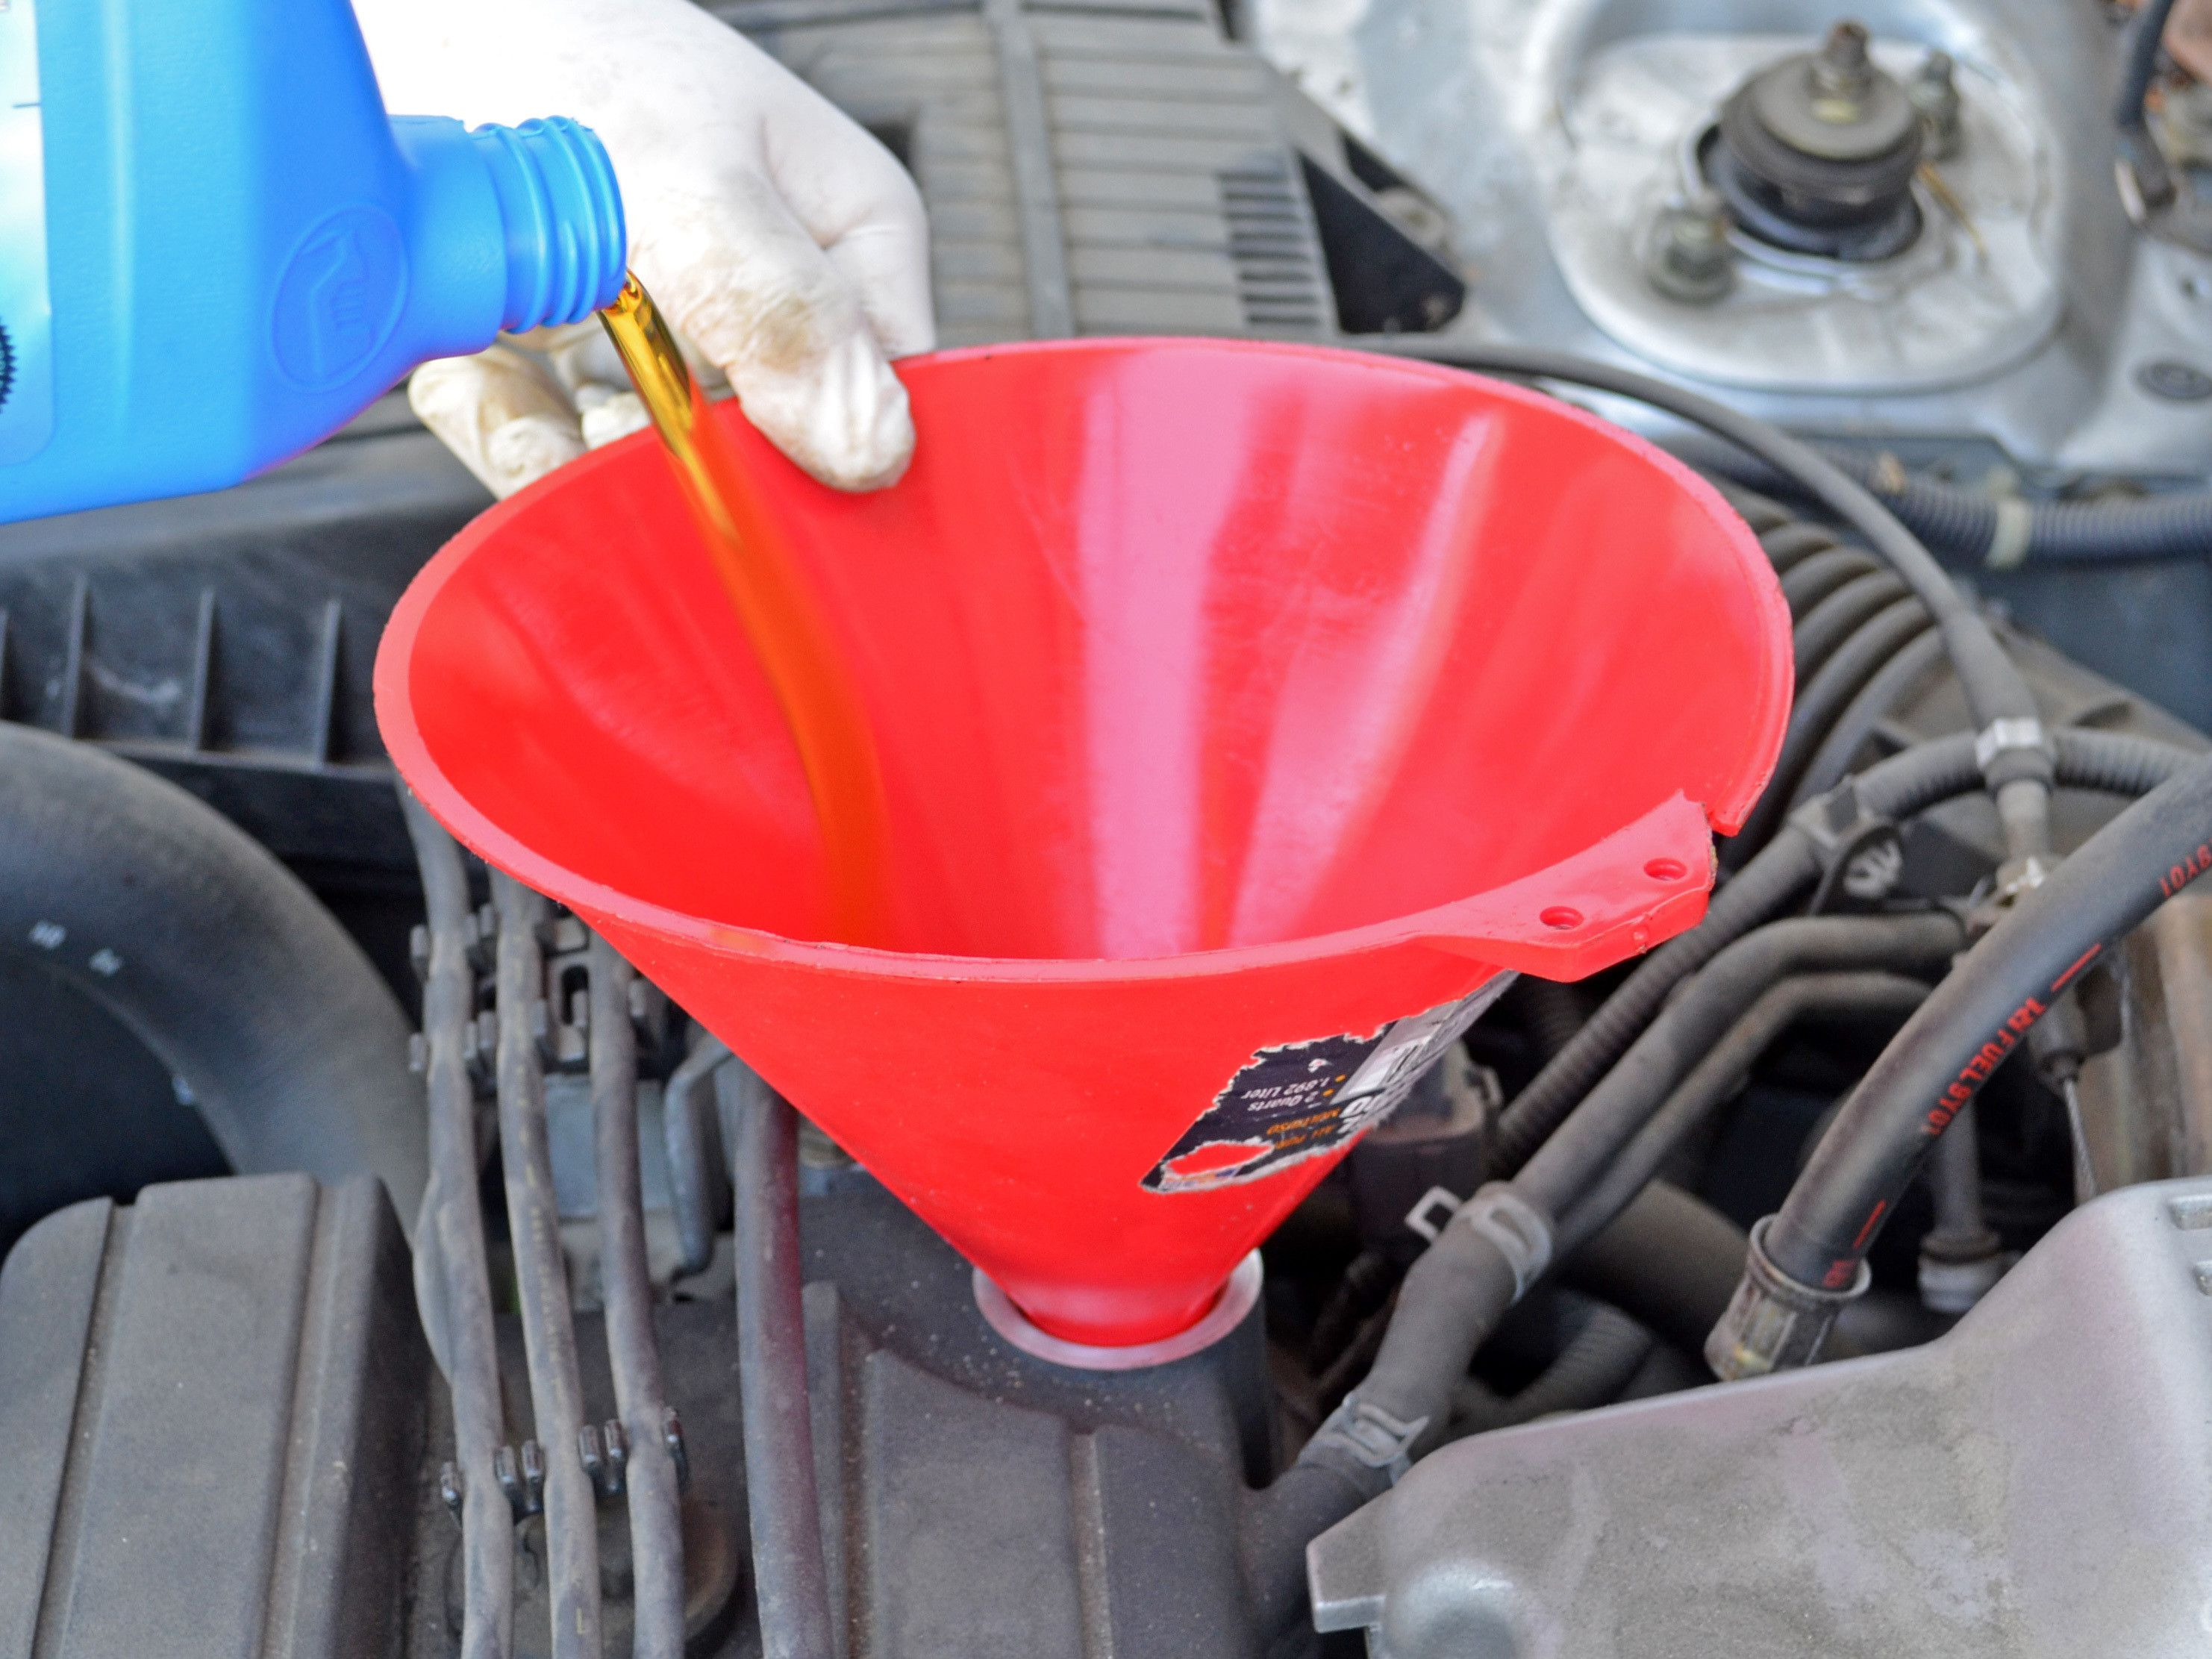 35 1999 Honda Civic Oil Ty7j Di 2020